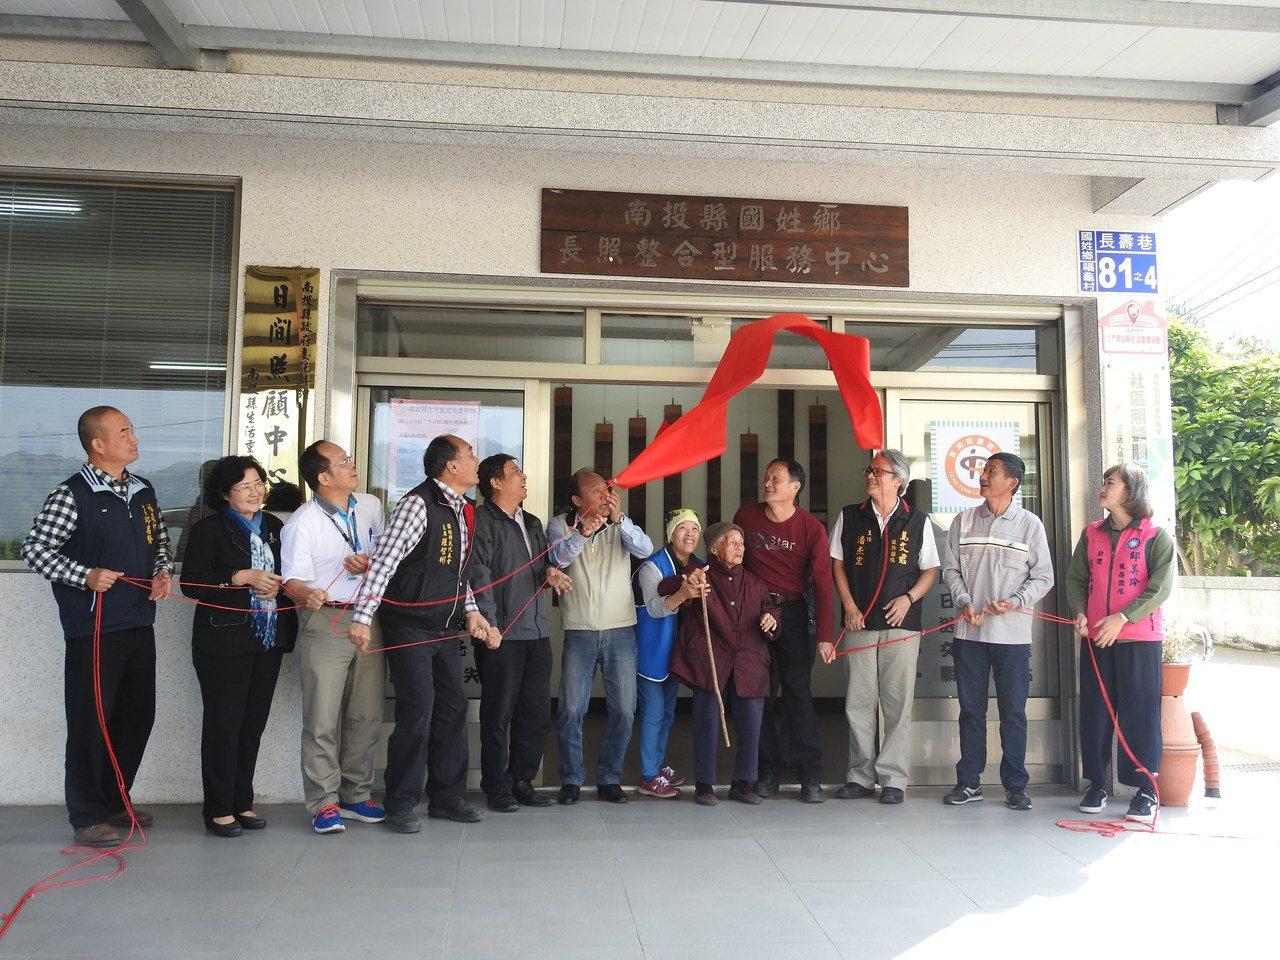 國姓鄉長照整合服務中心今在南投縣生活重建協會揭牌啟用。記者賴香珊/攝影